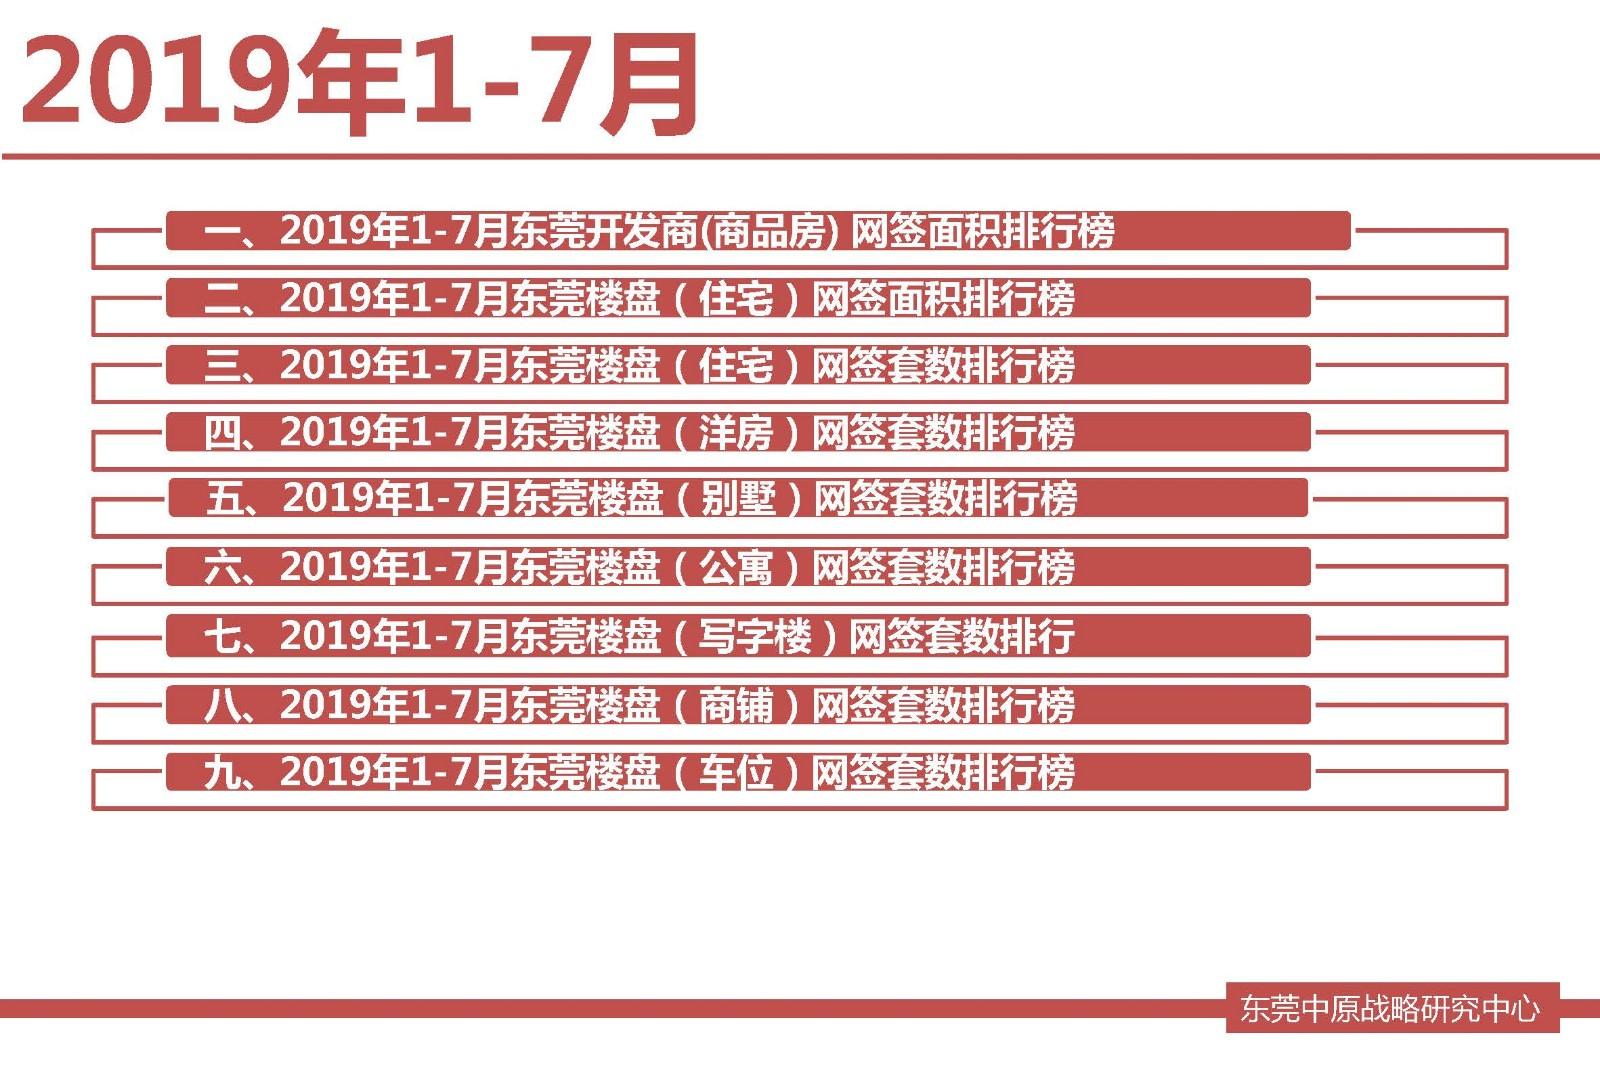 东莞中原战略研究中心发布:东莞楼市排行榜(2019年7月)_页面_12.jpg